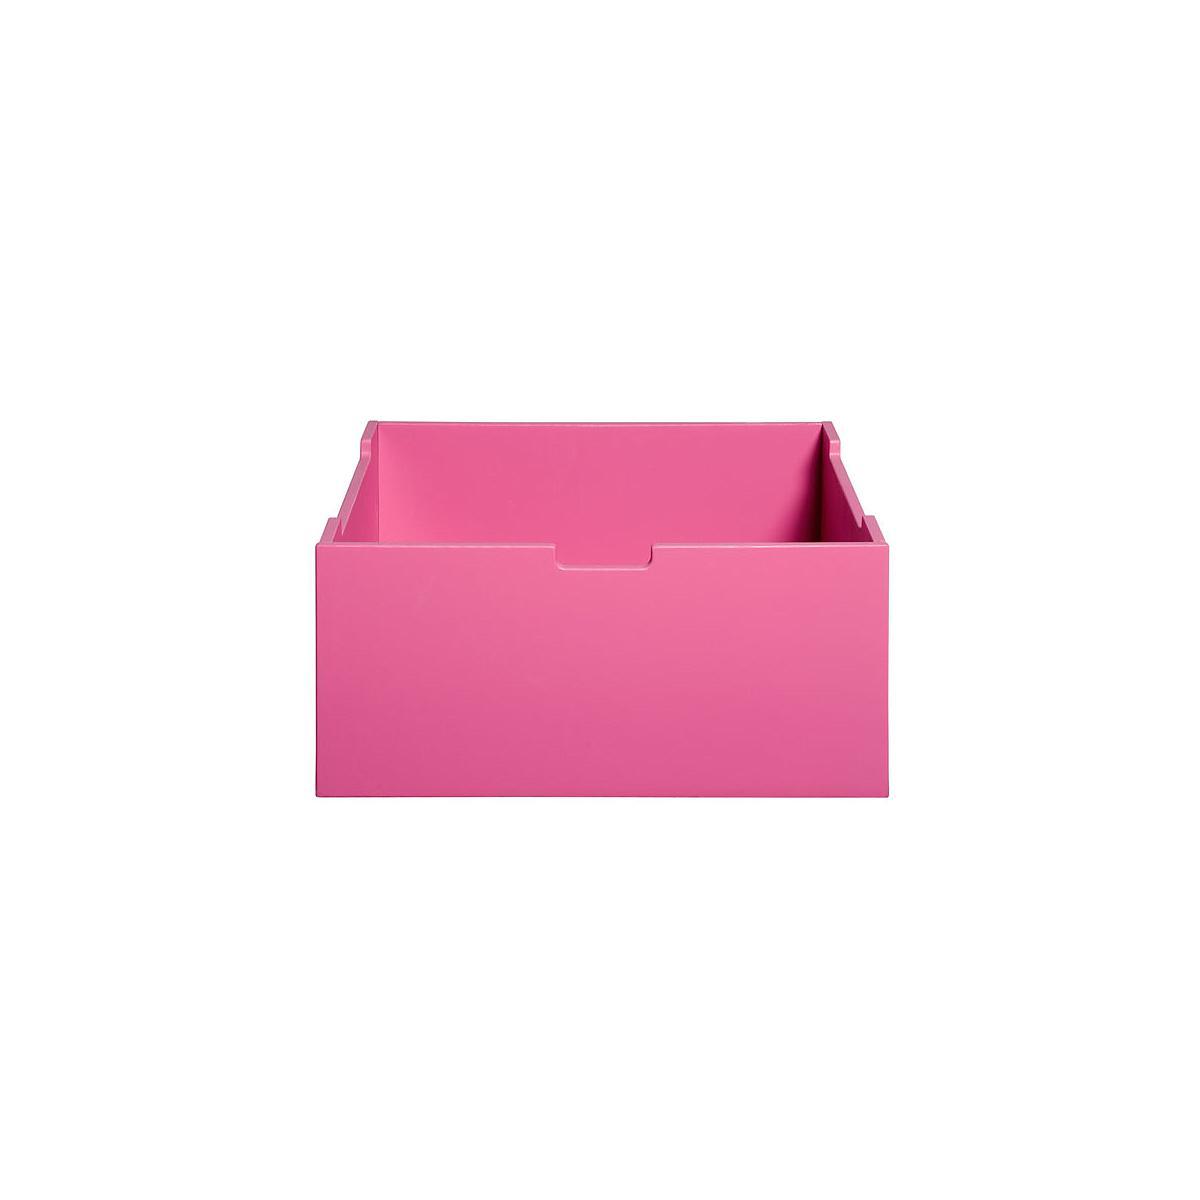 Cajón para cómoda, armario, parque bebé MIX & MATCH Bopita Pink